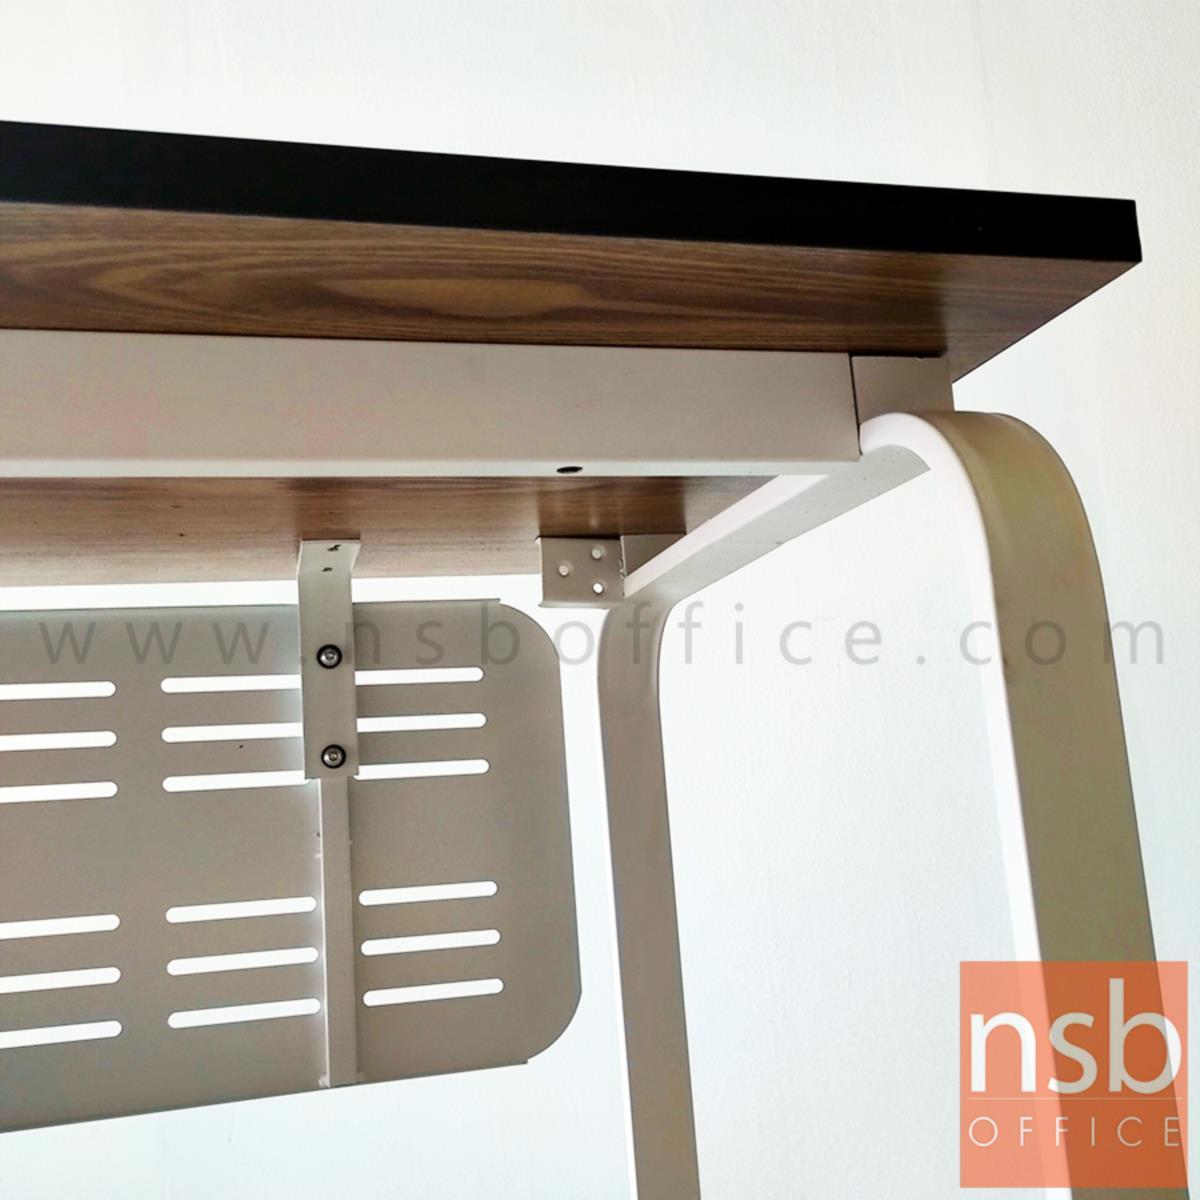 โต๊ะทำงาน รุ่น Cinnamon (ชินาม่อน)  บังตาและโครงขาเหล็ก